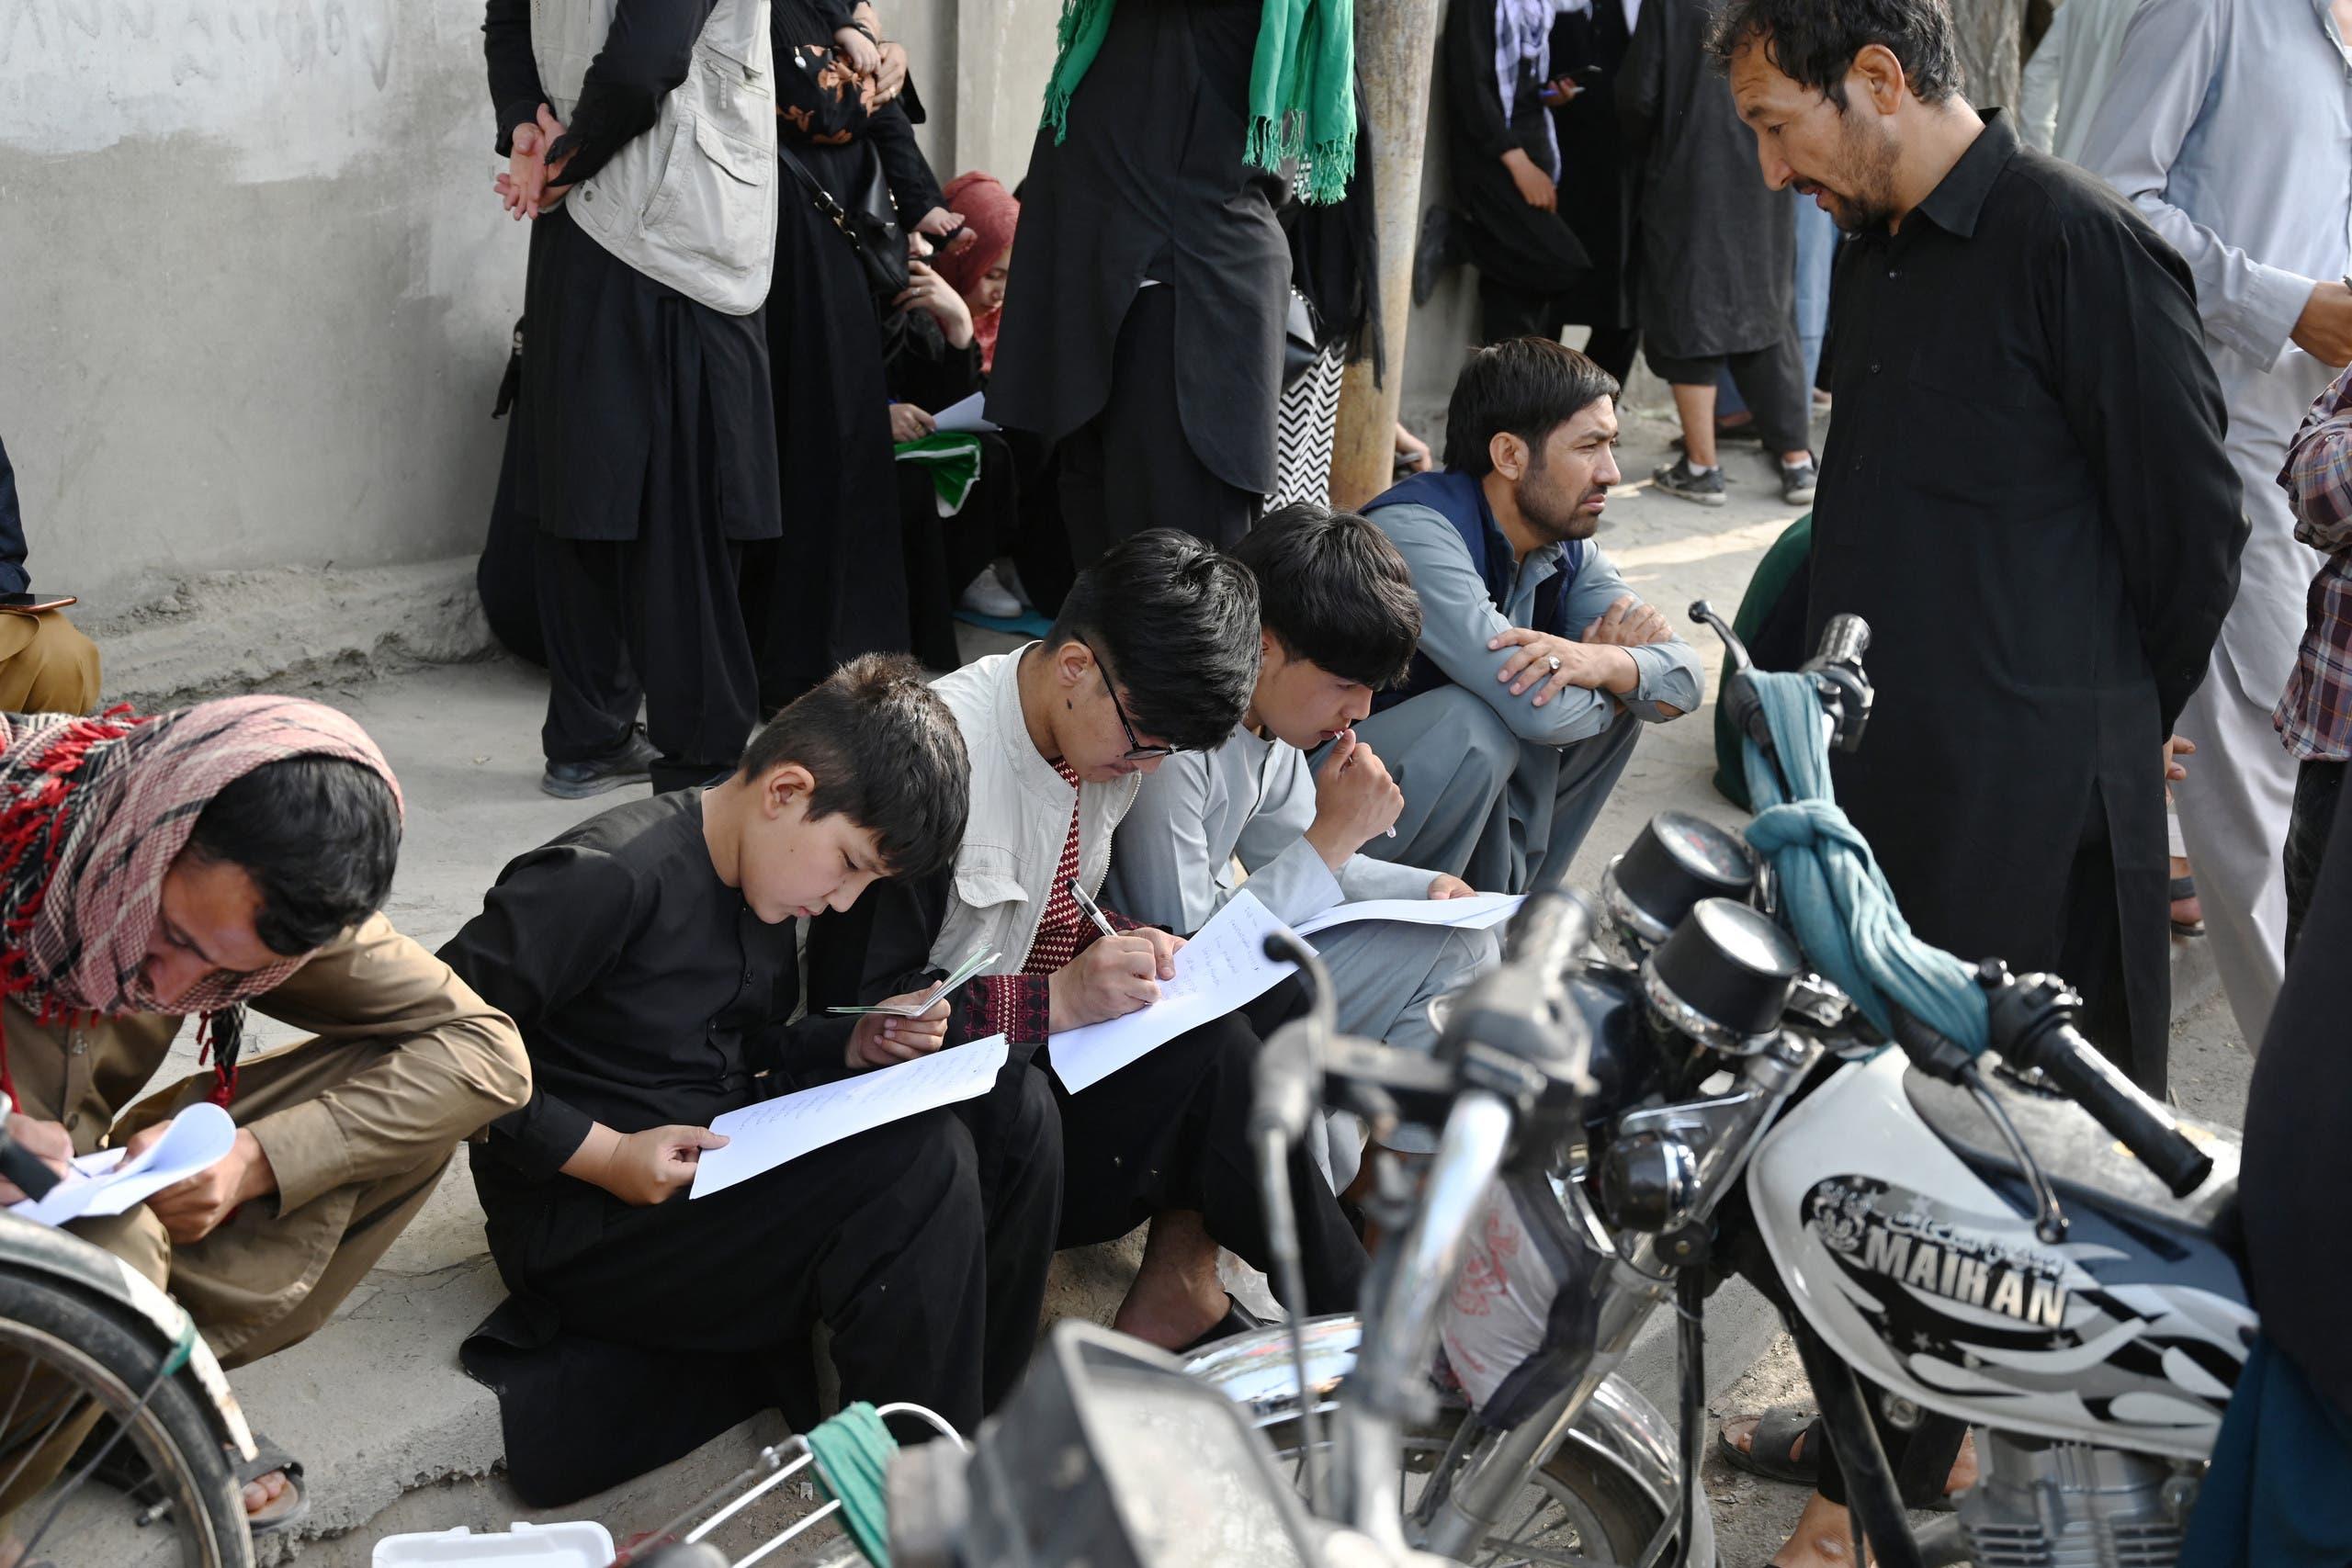 أفغان يملؤون أوراقاً قبالة سفارتي بريطانيا وكندا الأسبوع الماضي أملاً في إجلائهم